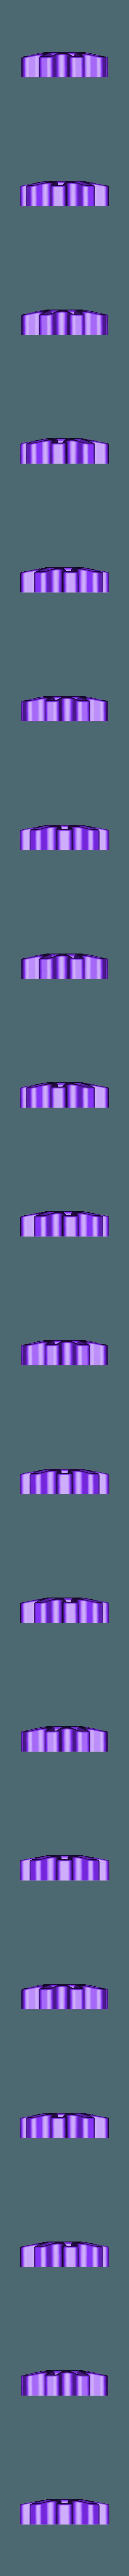 Range_cle_USB.stl Télécharger fichier STL gratuit Range clé USB • Modèle imprimable en 3D, stef32